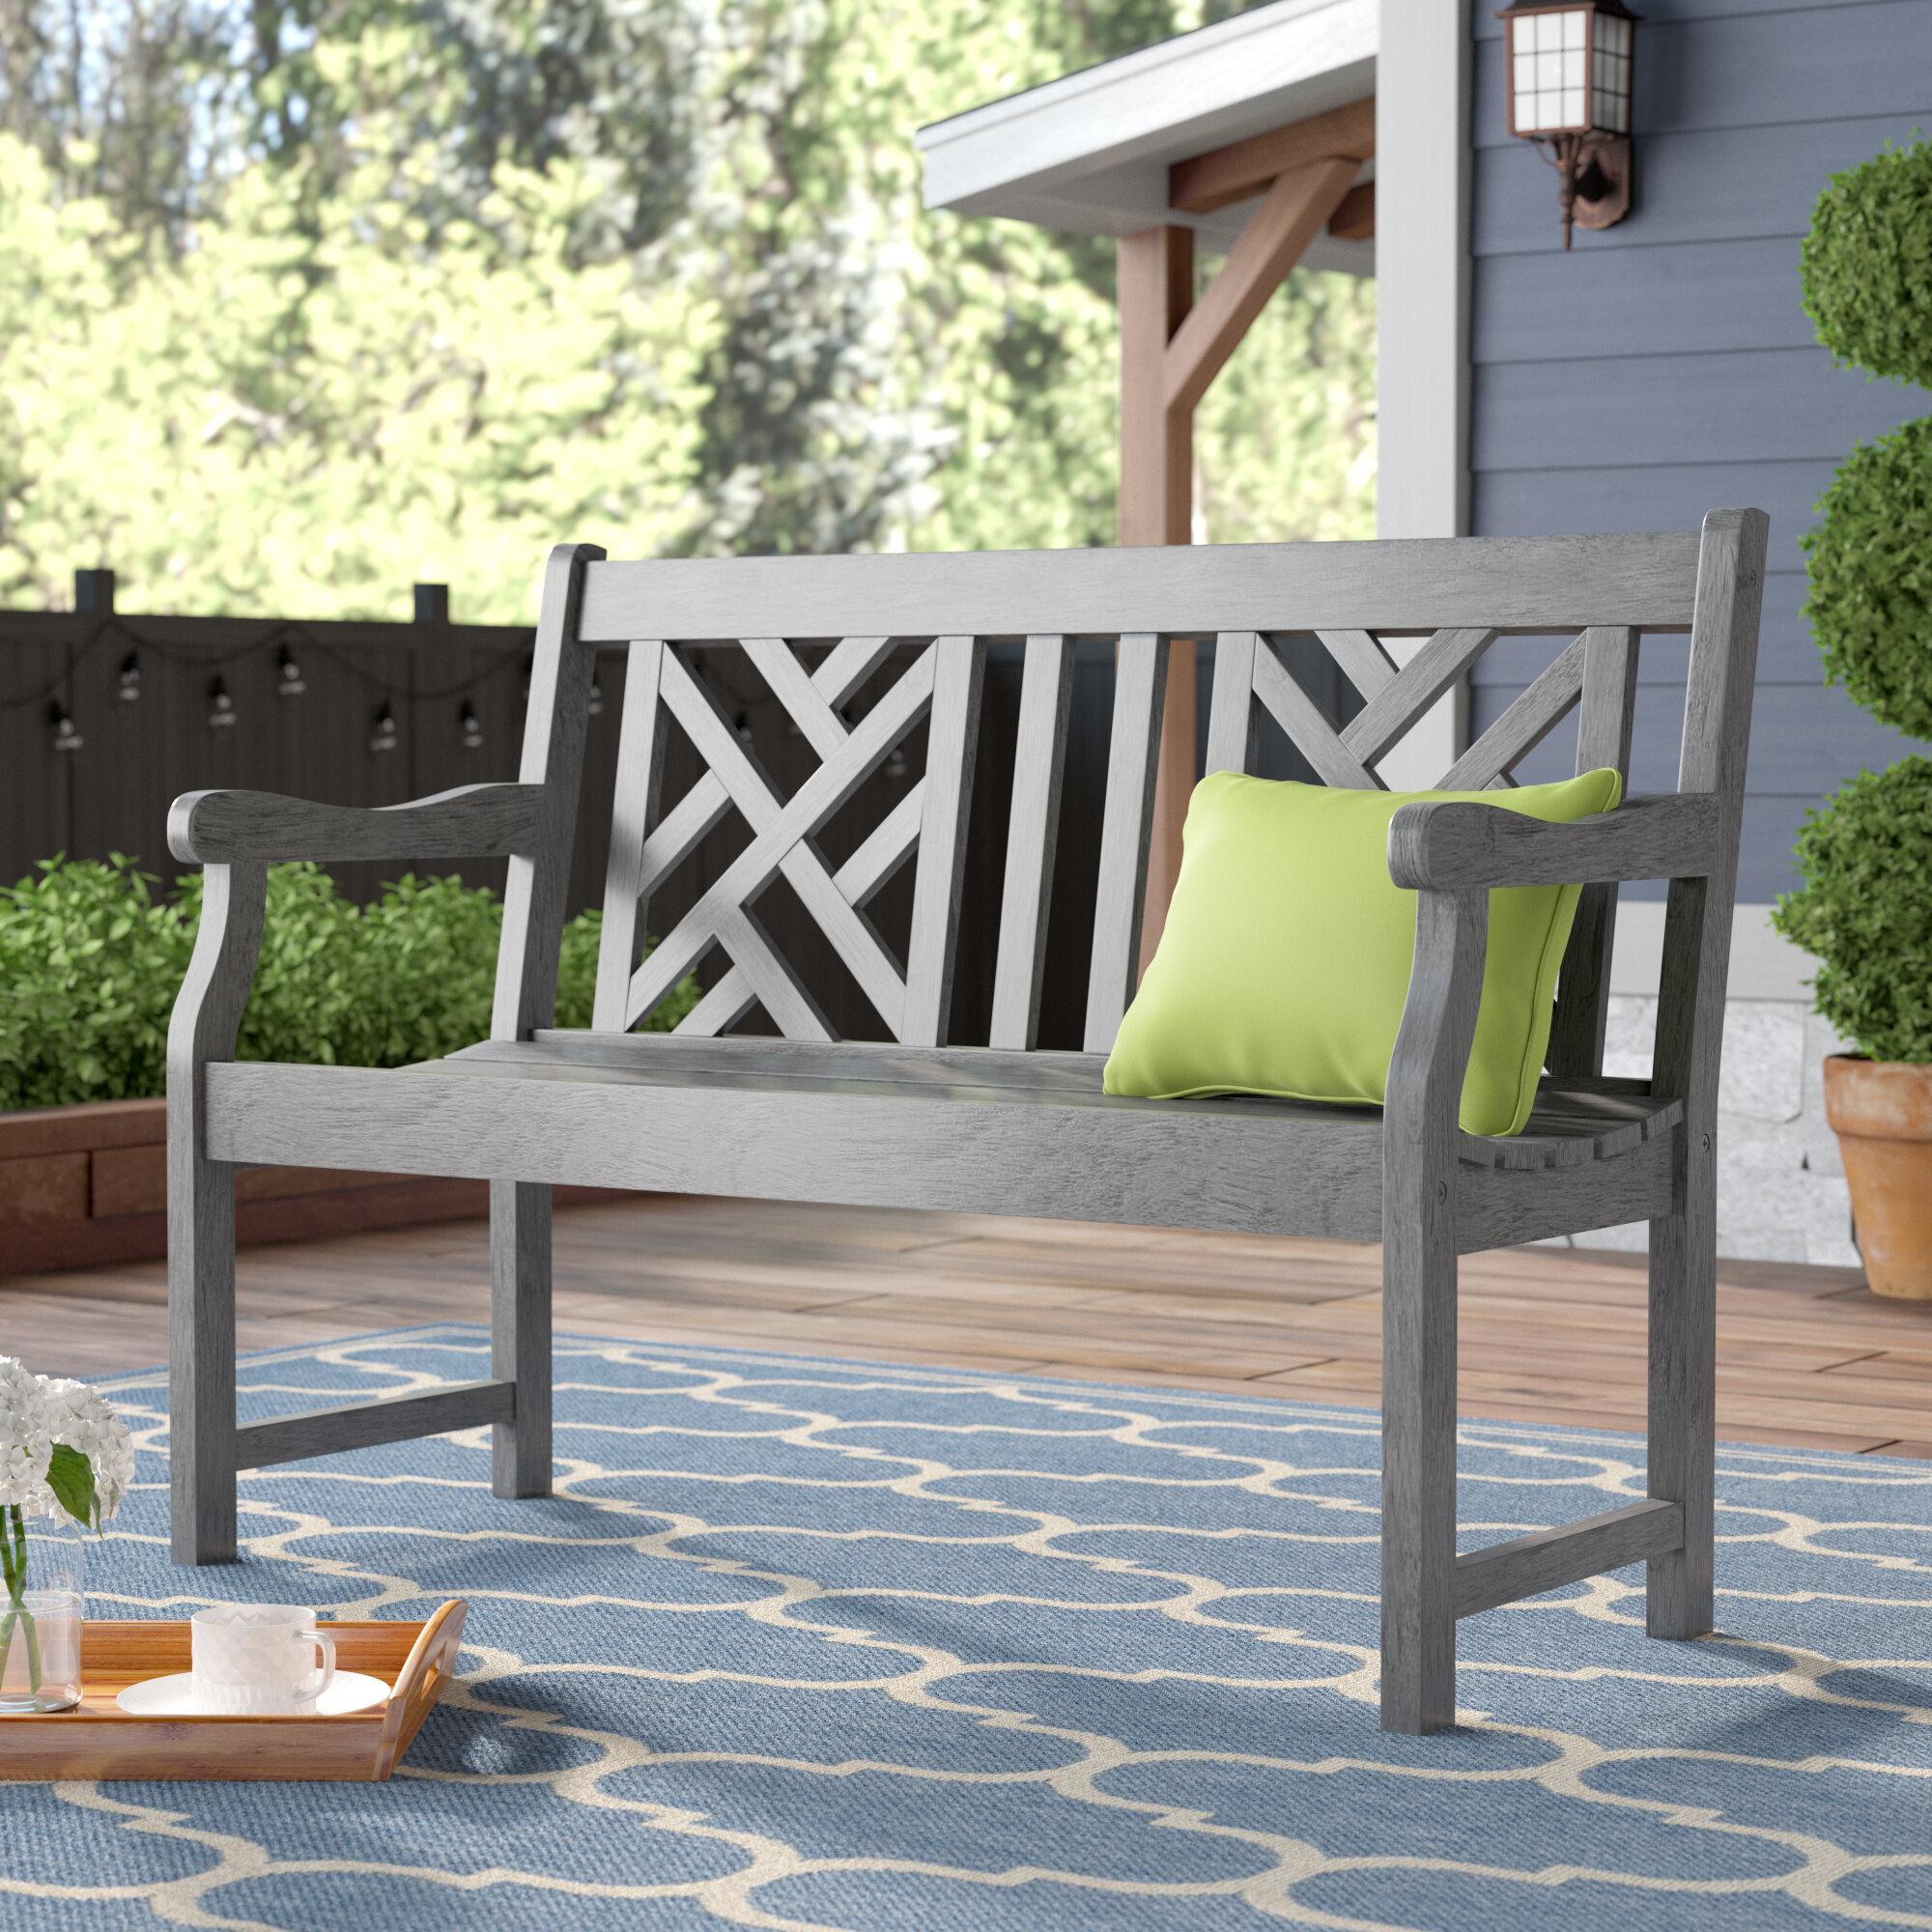 Garden Outdoor Benches You'Ll Love In 2020 | Wayfair Throughout Cavin Garden Benches (View 8 of 25)